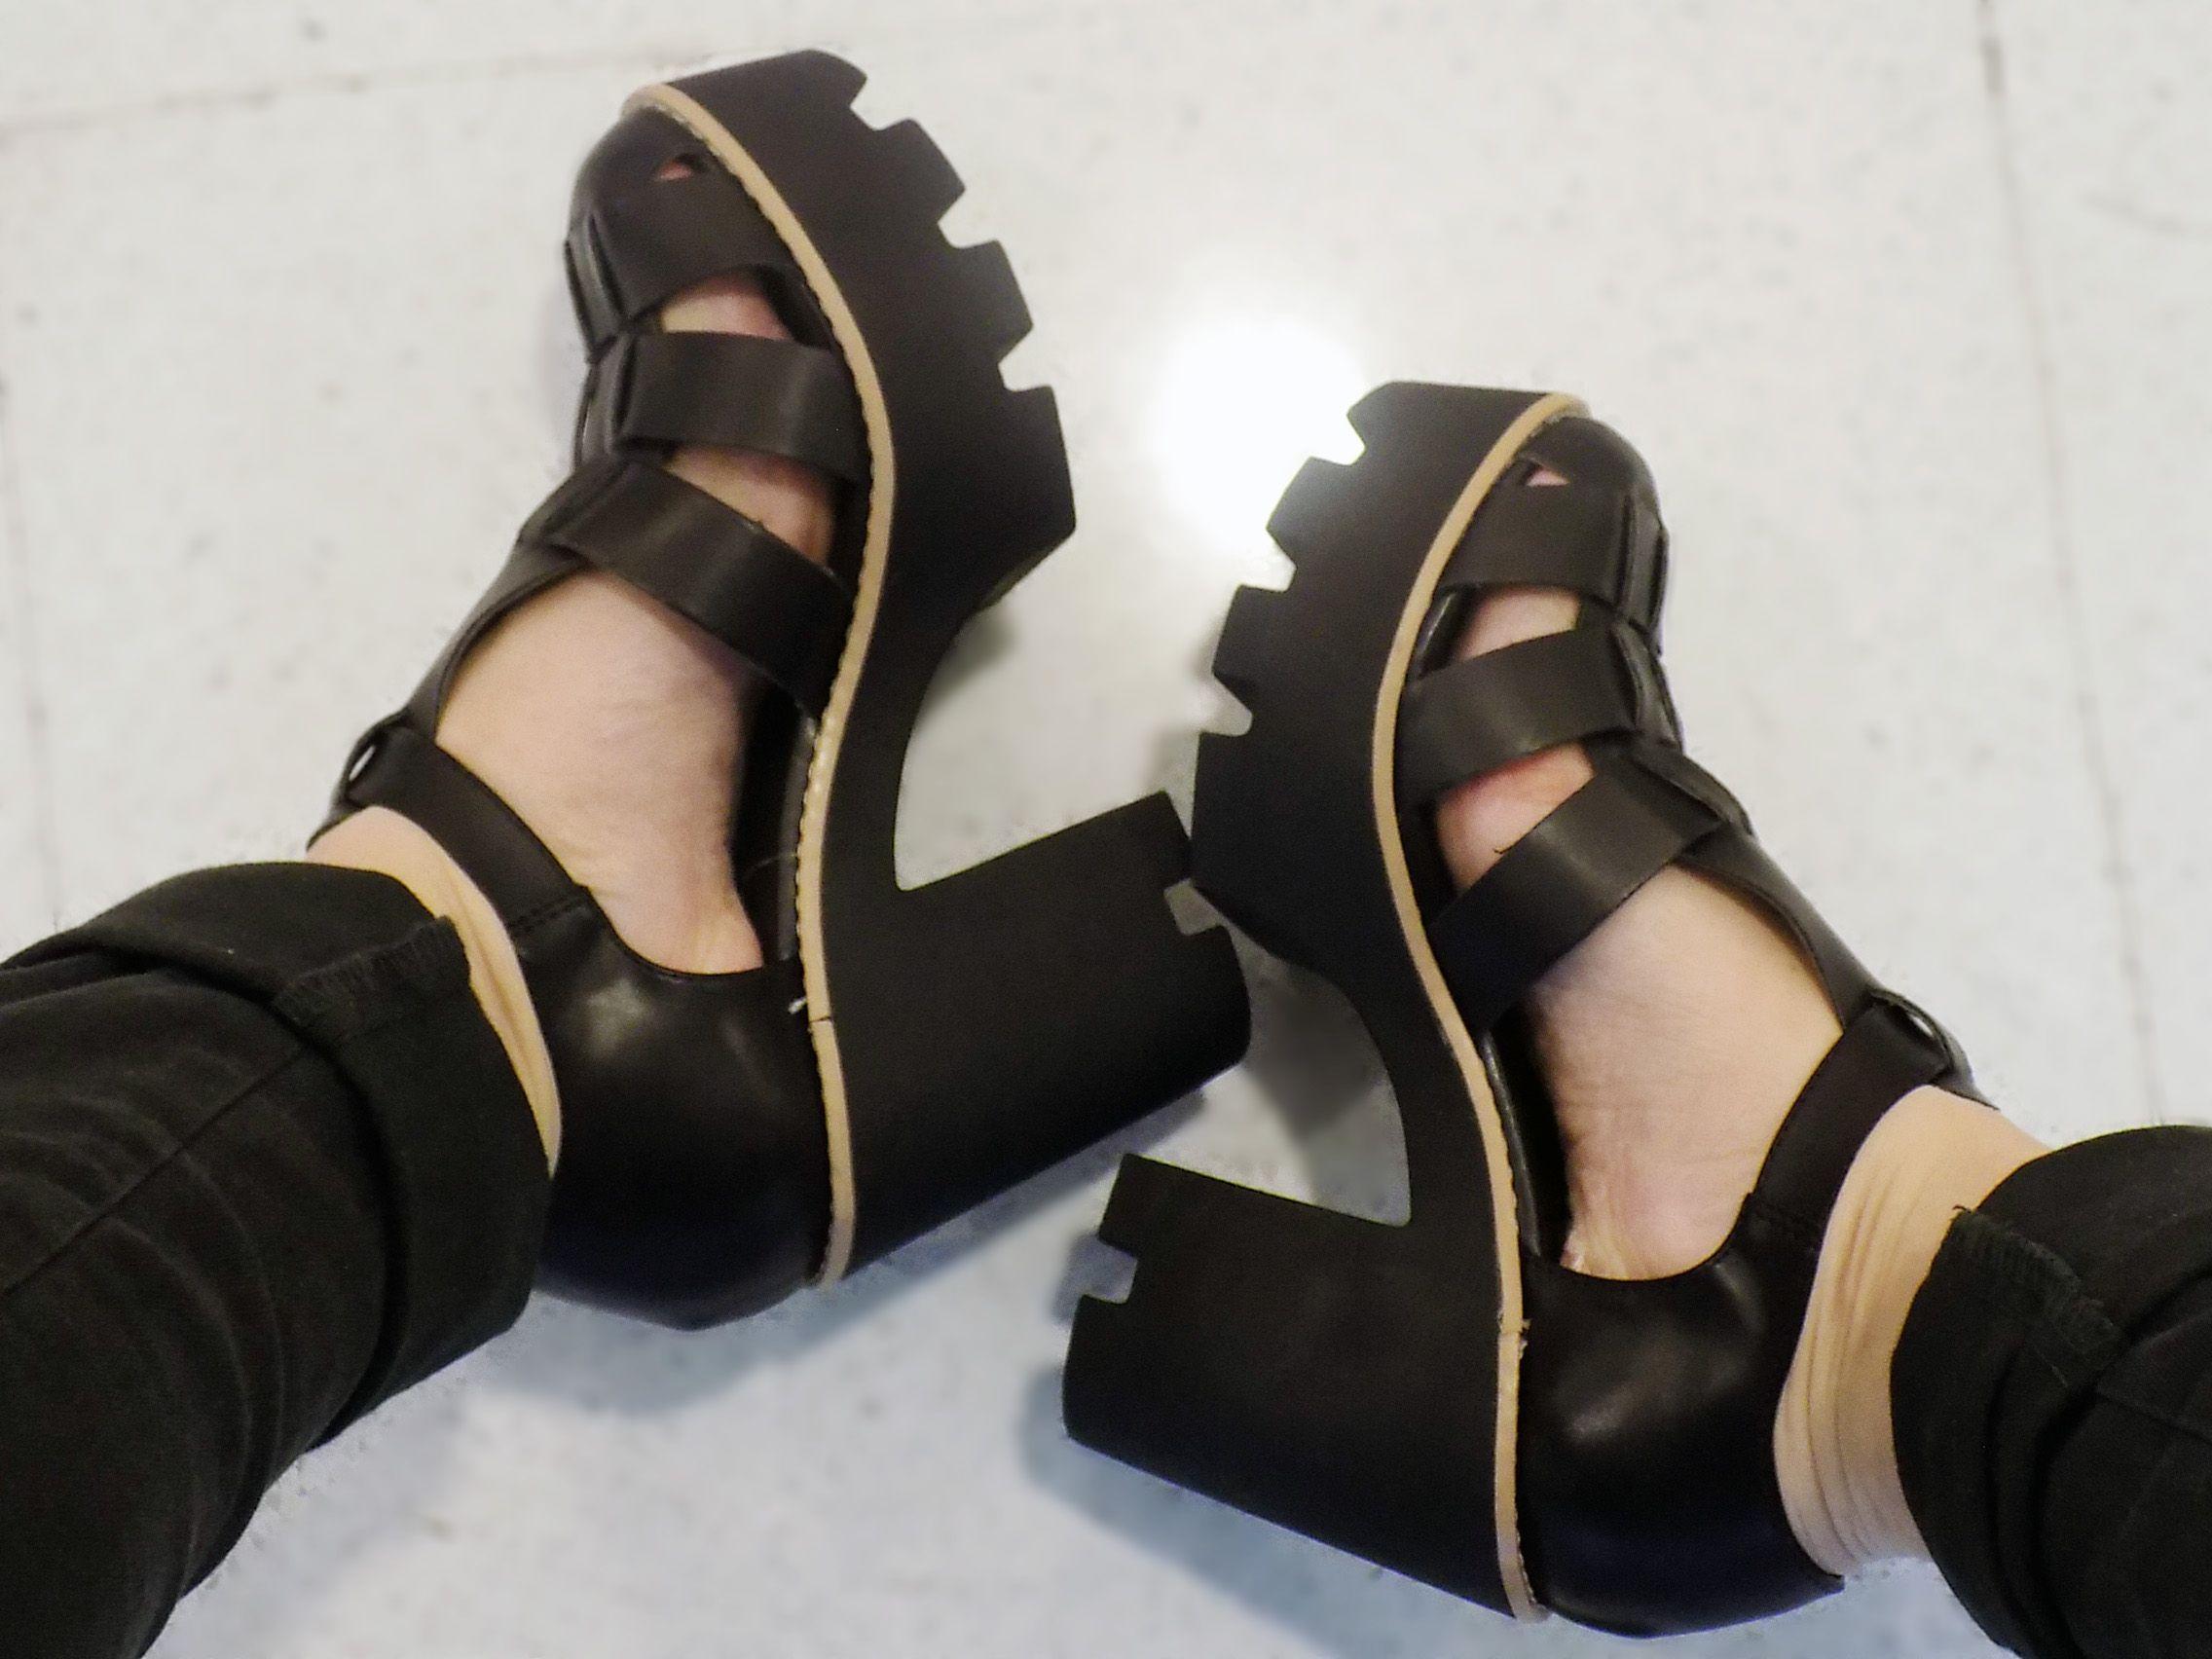 37b6db161f Minha sandália com salto tratorado - Mundial Calçados